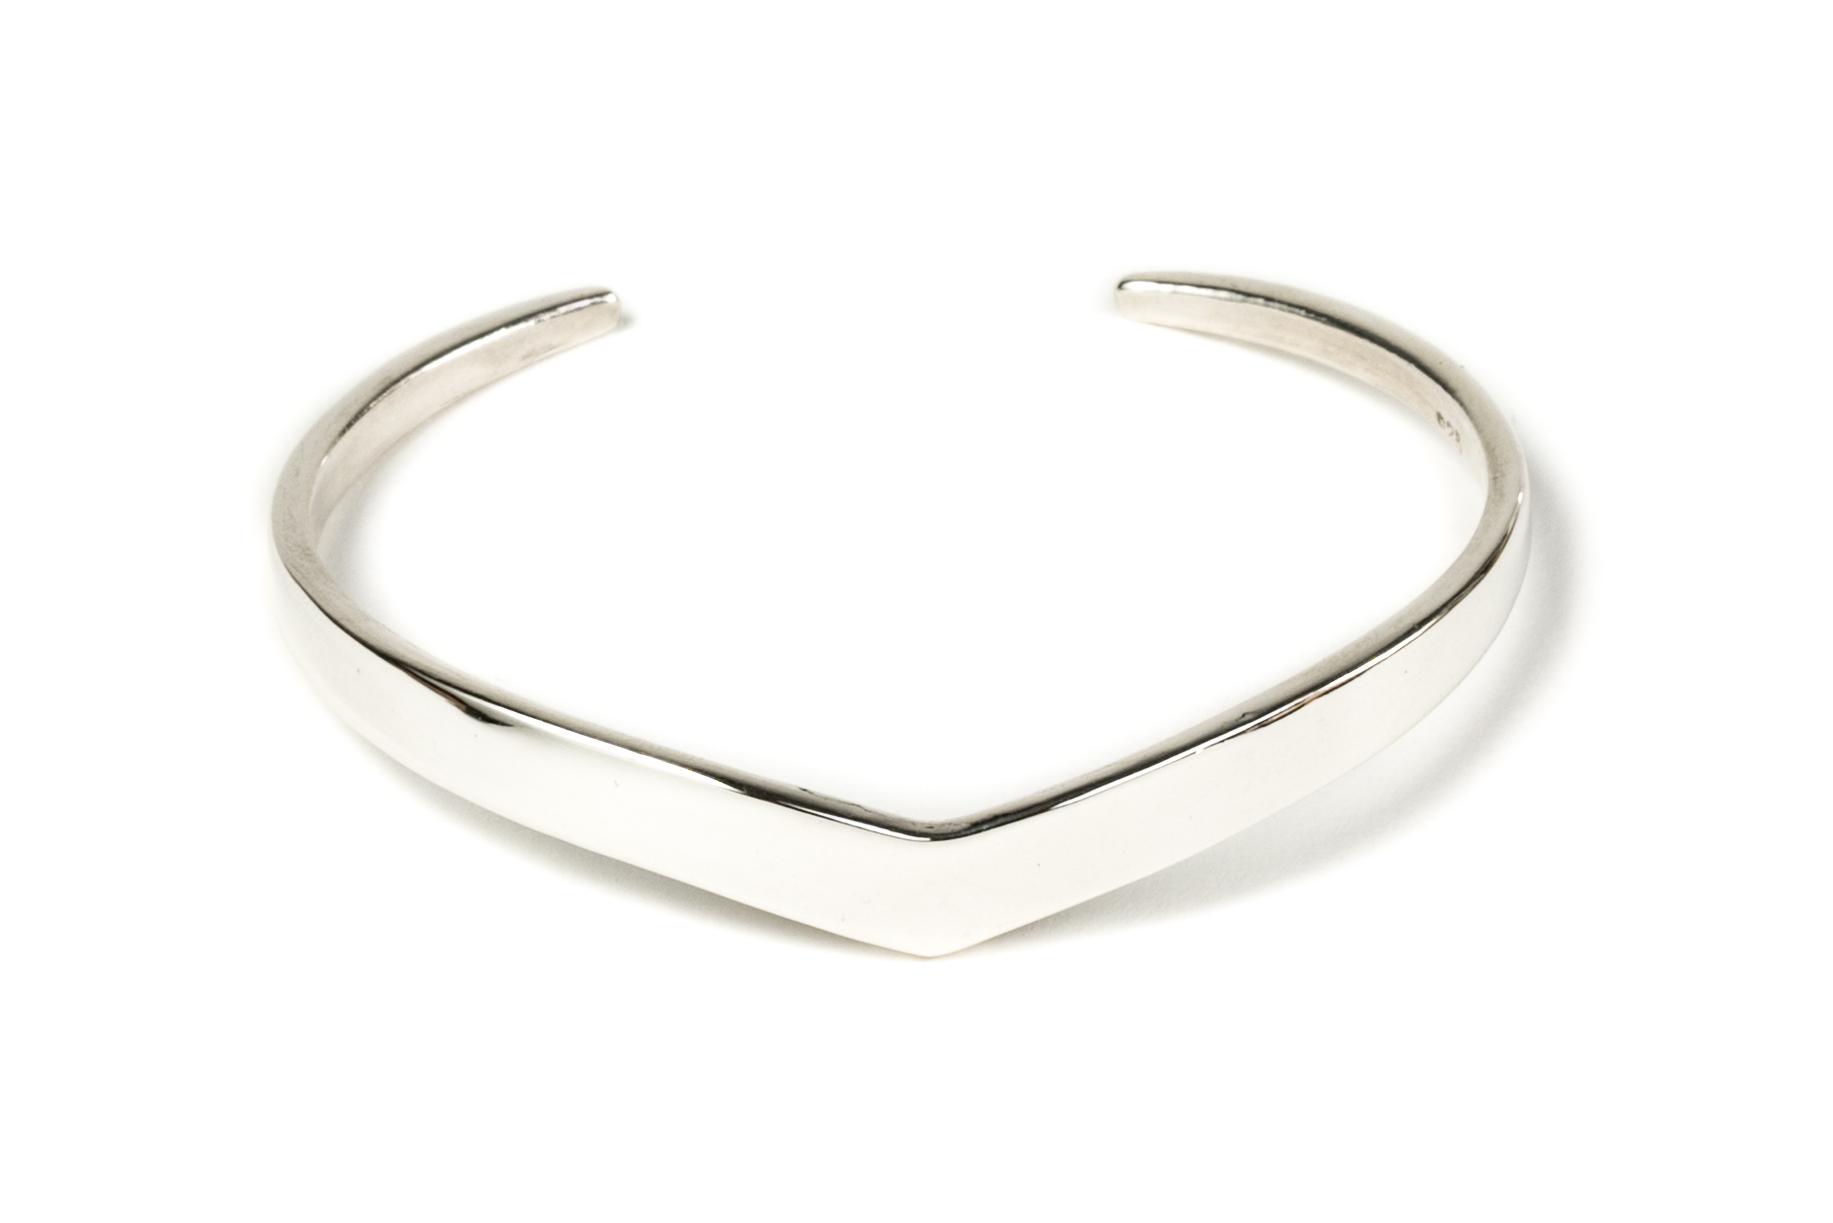 Peak Cuff Bracelet in Sterling Silver